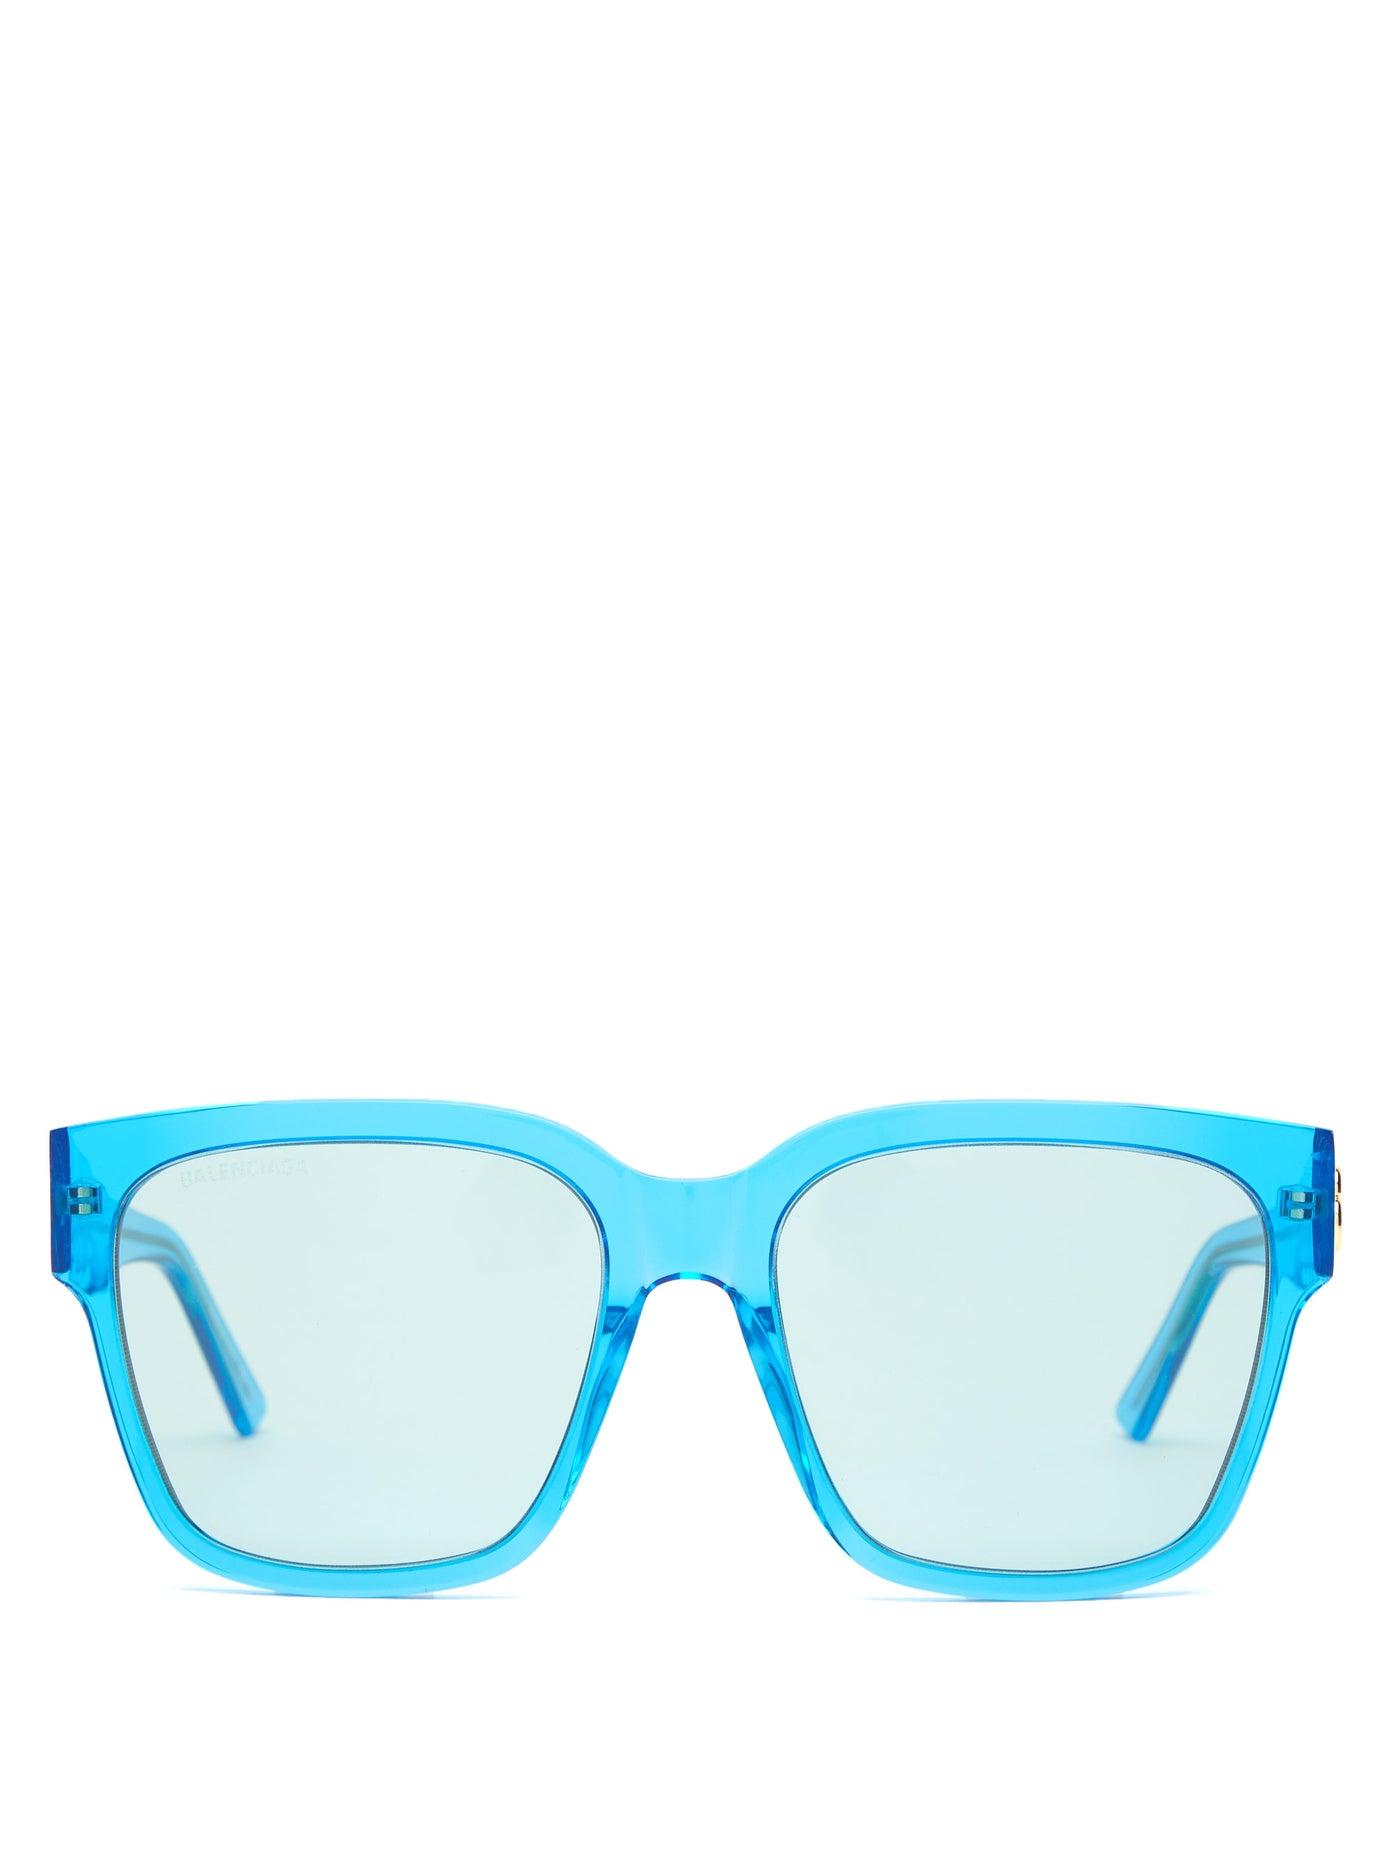 نظارات شمسية باللون الأزرق الناصع من Balenciaga